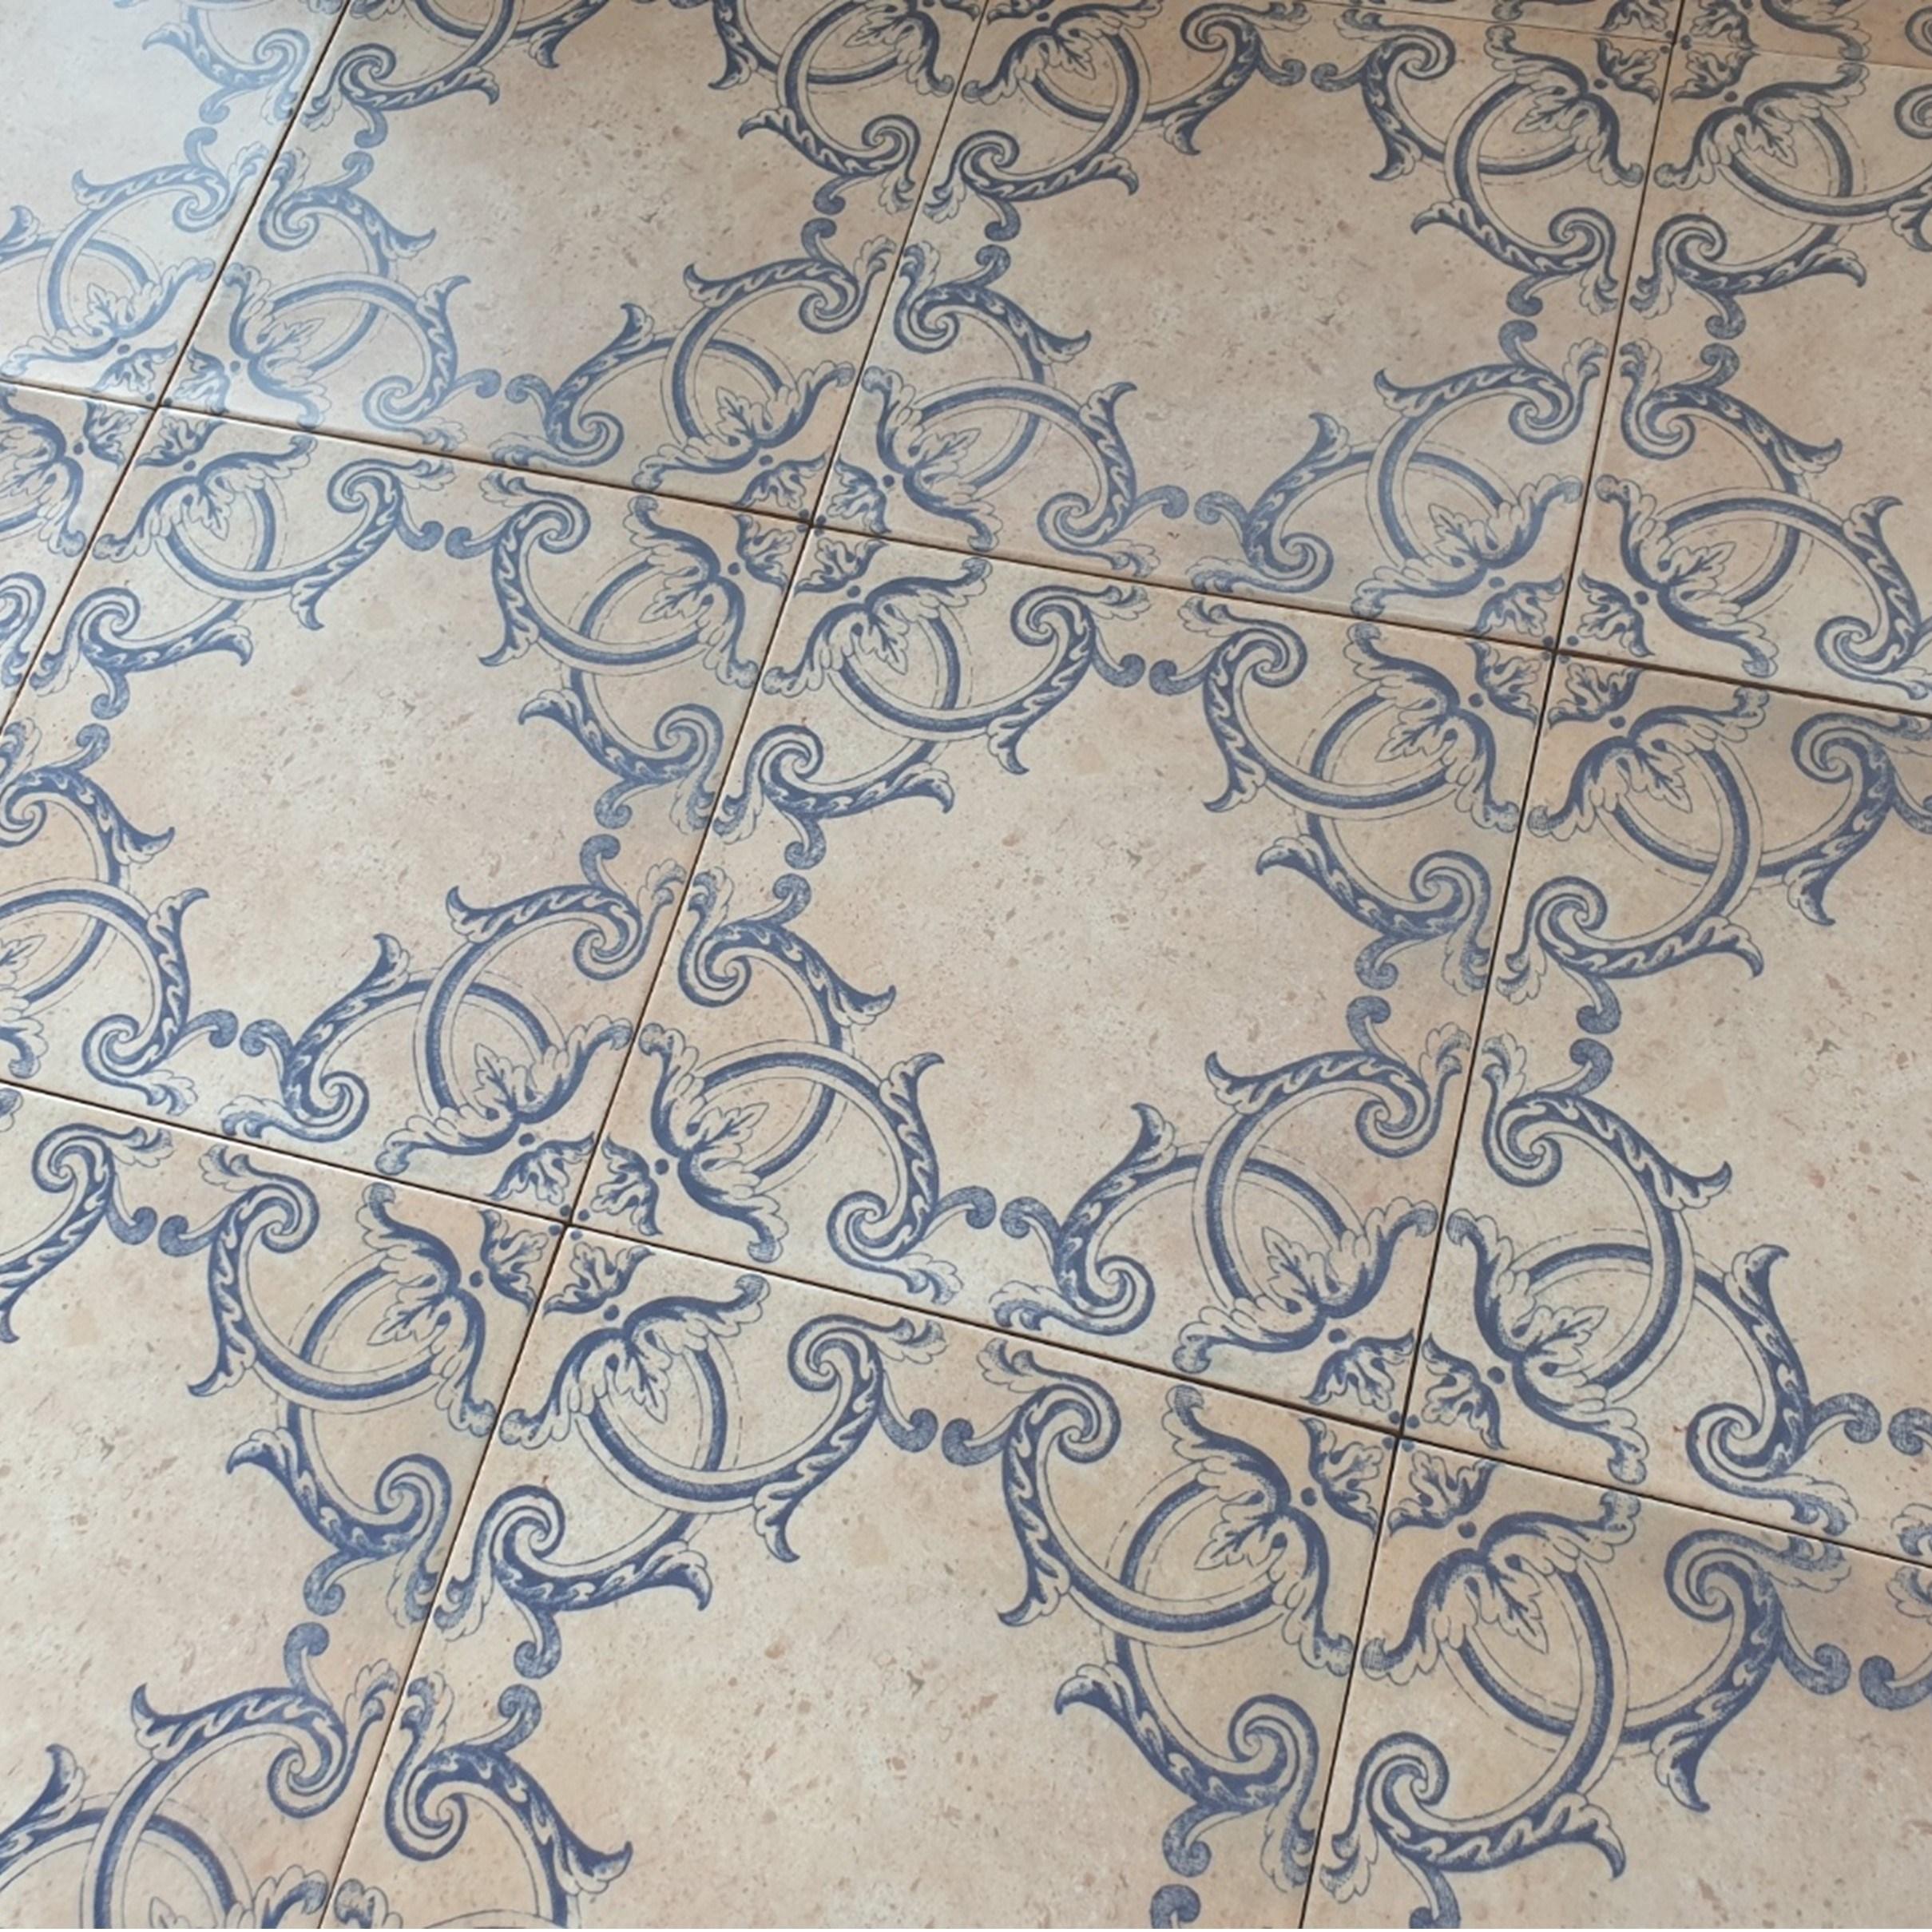 이레타일 북유럽타일 패턴타일 현관타일 카페타일 바닥타일 벽타일 주방타일 바로1 (CT)